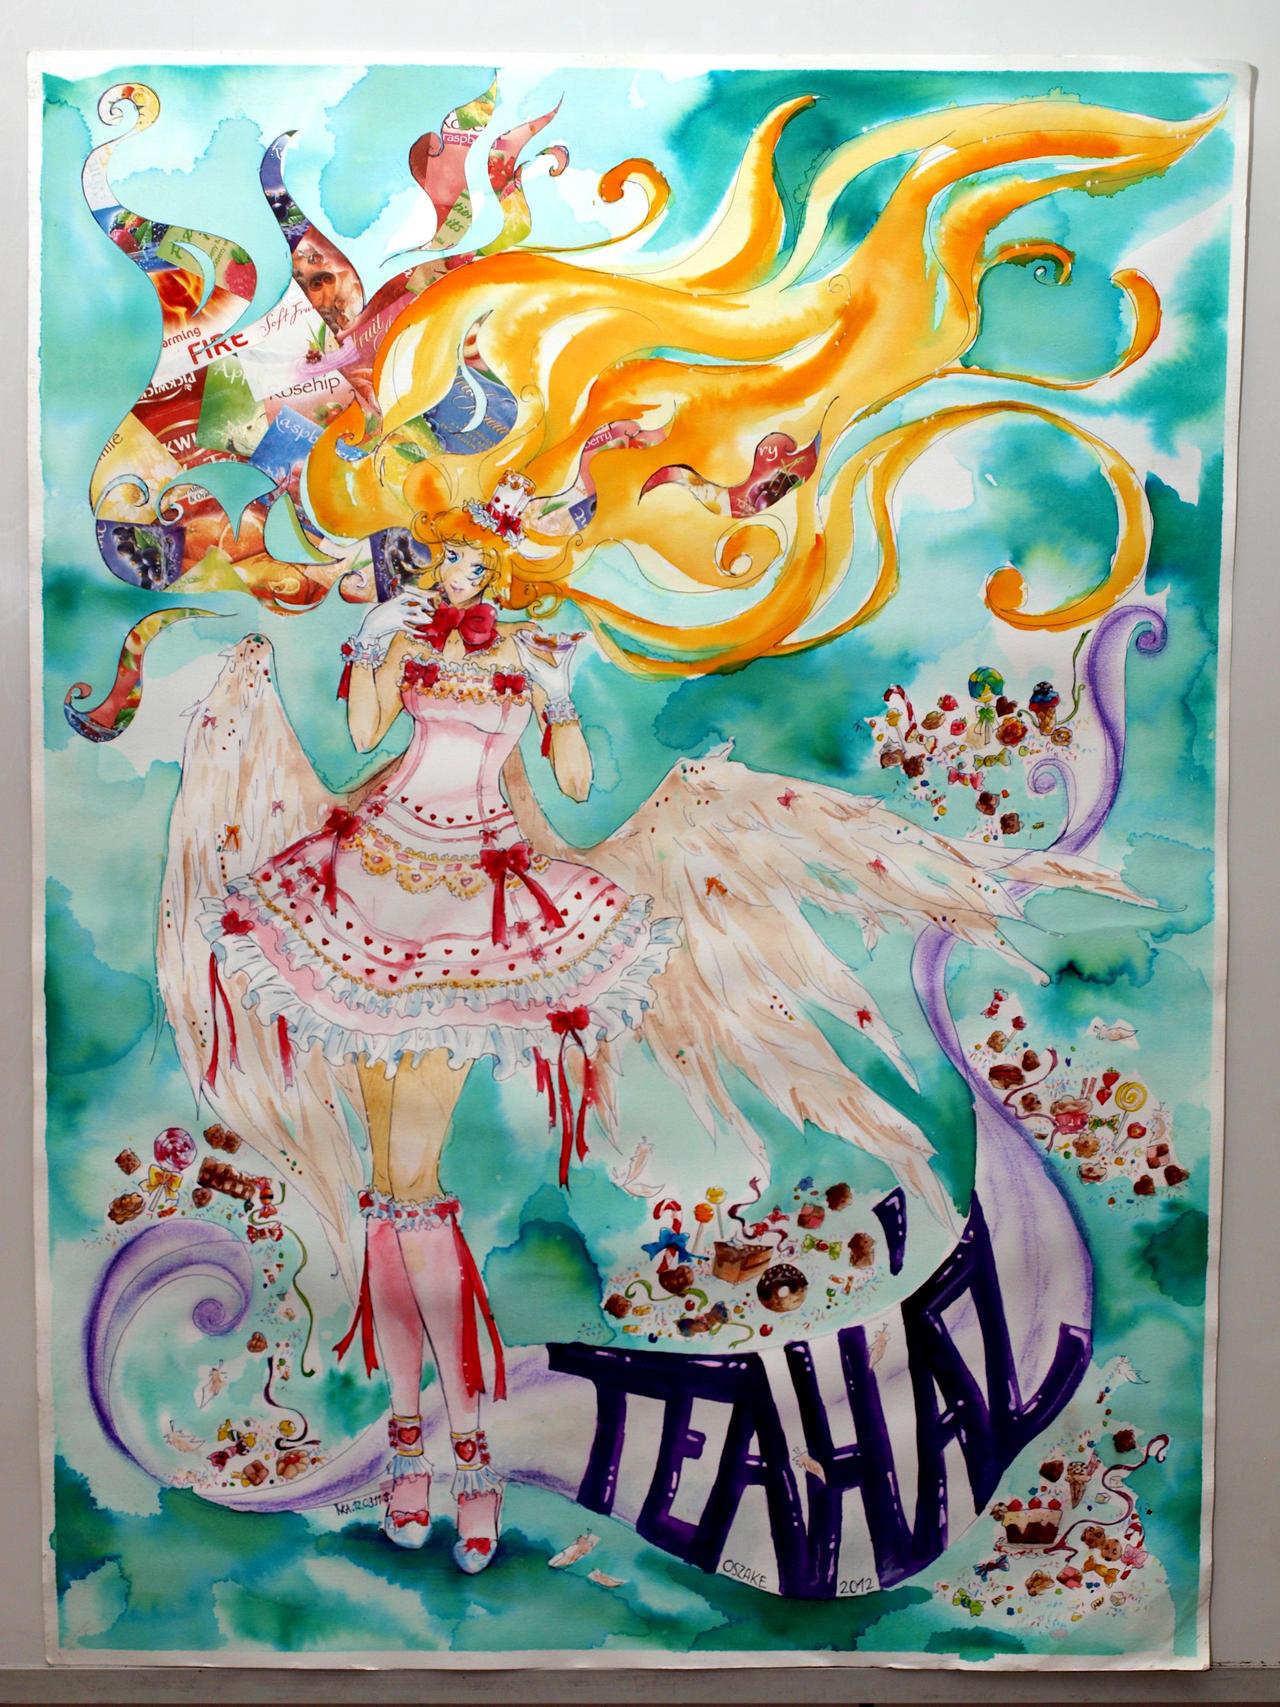 OSZAKE Teaha'z plaka't_2012_01